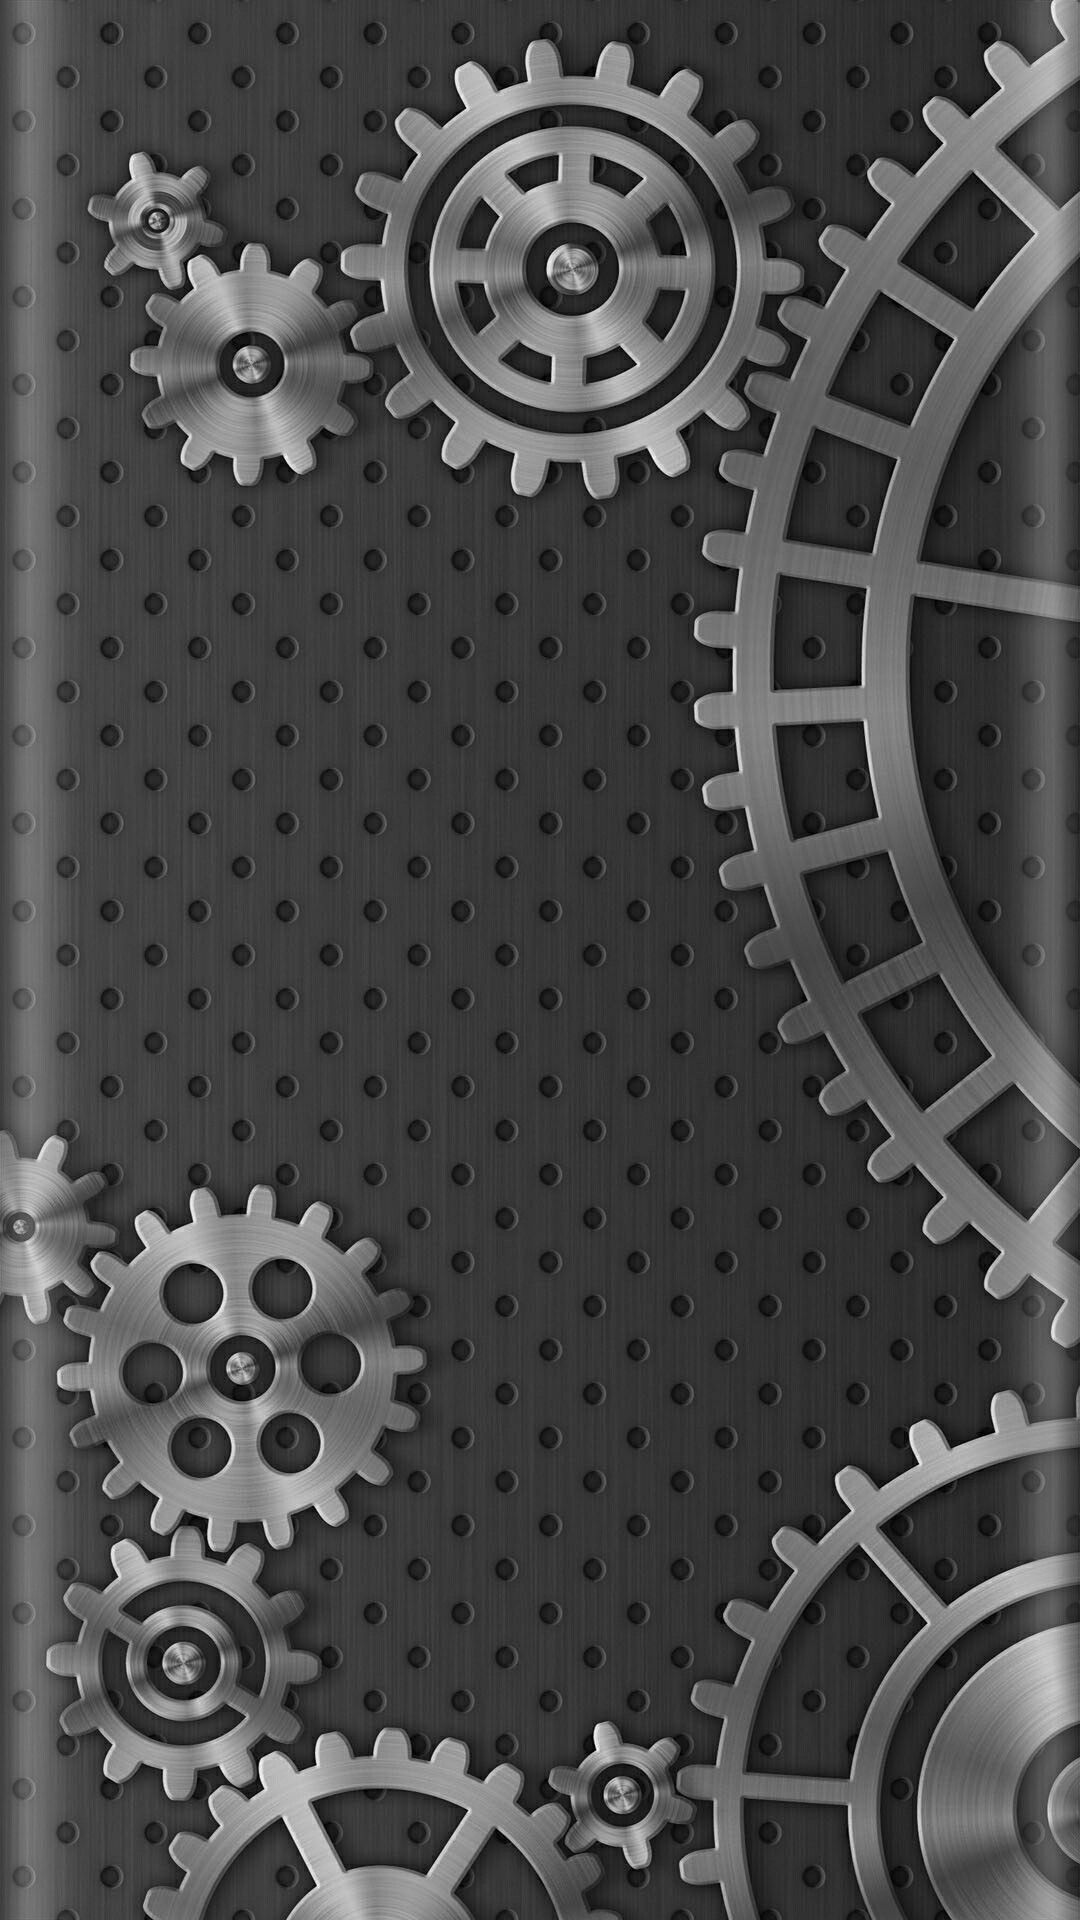 Silver bling background free bling vector art 412 free downloads - App Wallpaperscreen Wallpaperwallpaper Backgroundsiphone 6locksbatmanscreensshelvestexture